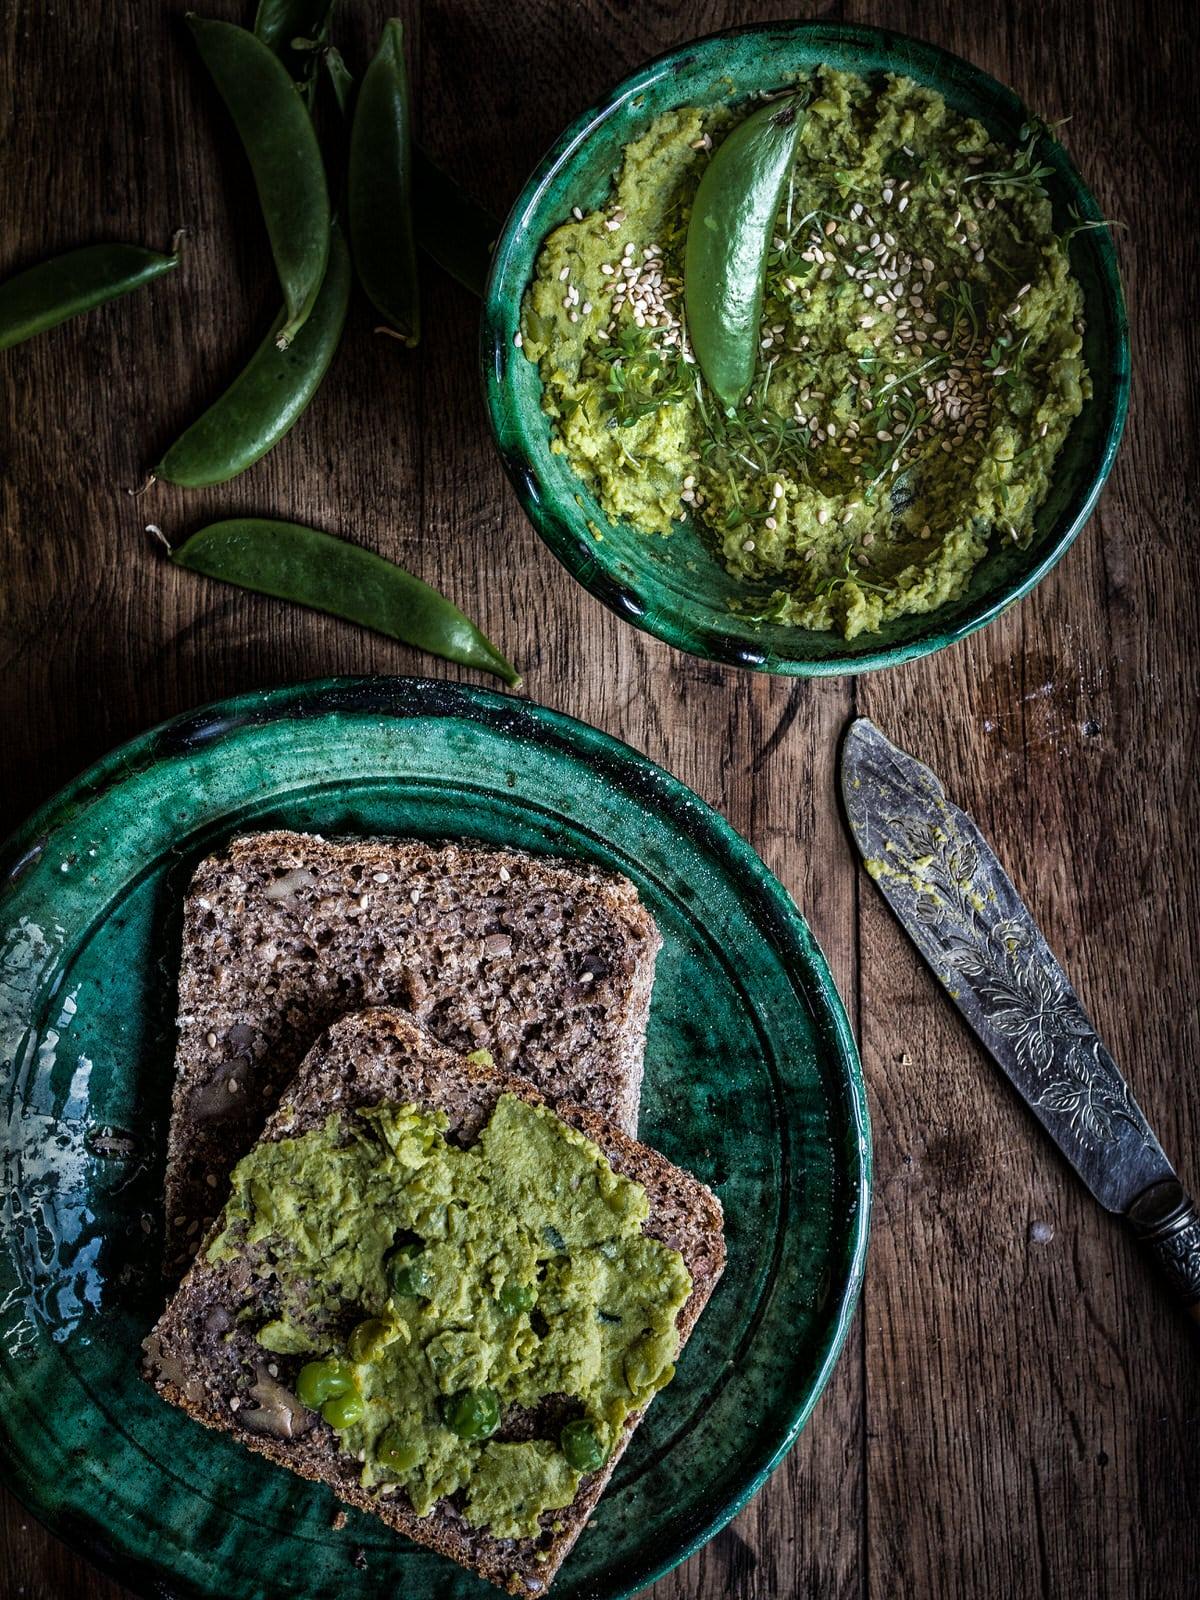 Erbsen Hummus mit Asafoetida. Sommerliches Hummus Rezept von happy.mood.food, sattvischer Foodblog mit veganen Rezepten.